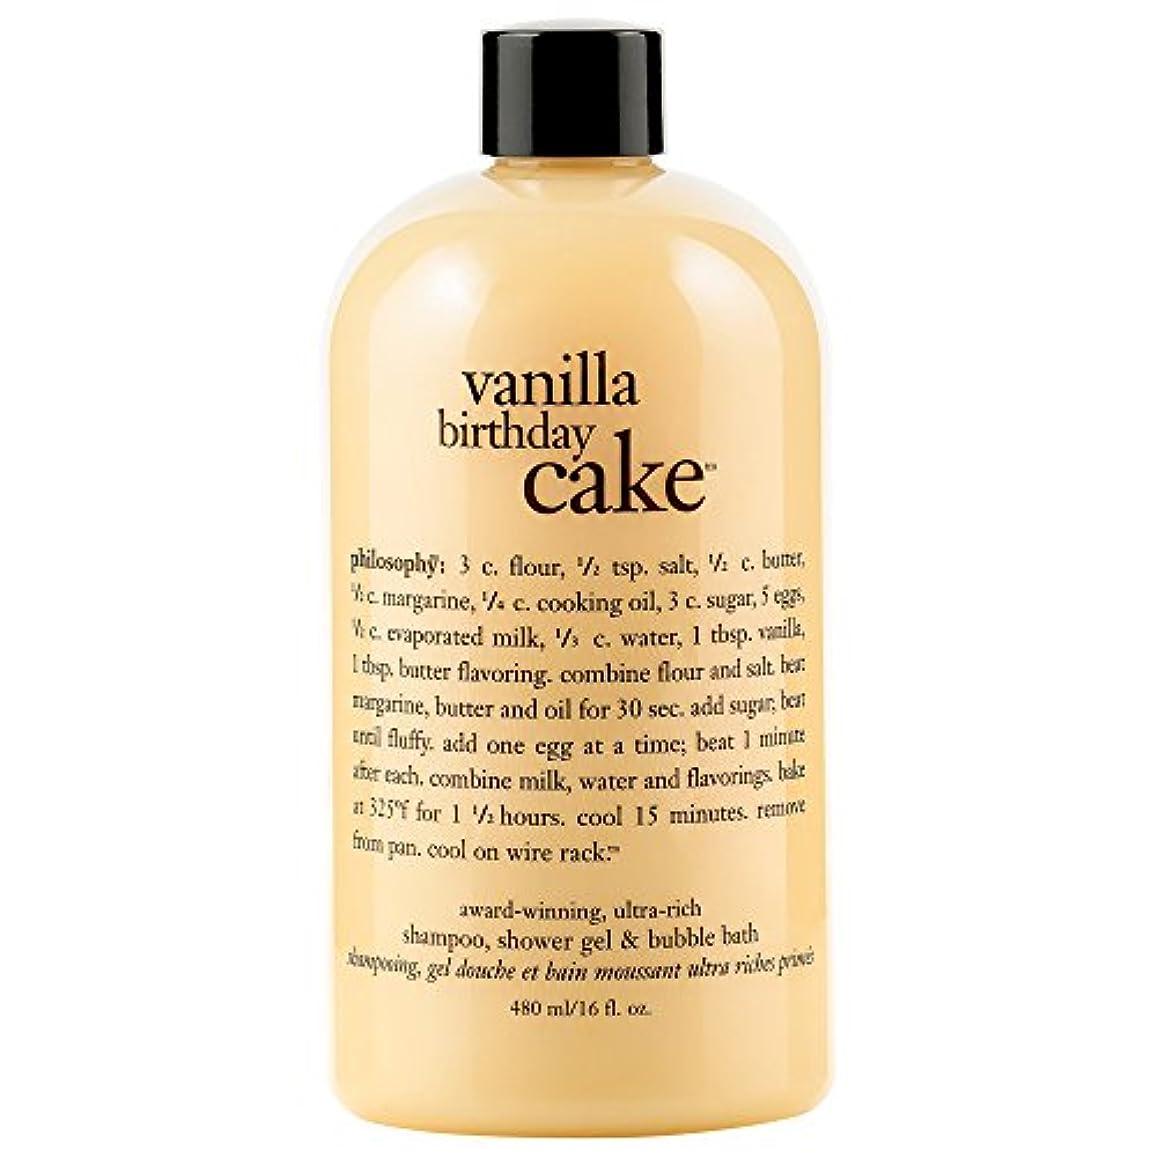 器用アマゾンジャングル必要ない哲学バニラバースデーケーキシャンプー/シャワージェル/バブルバス480ミリリットル (Philosophy) (x2) - Philosophy Vanilla Birthday Cake Shampoo/Shower...